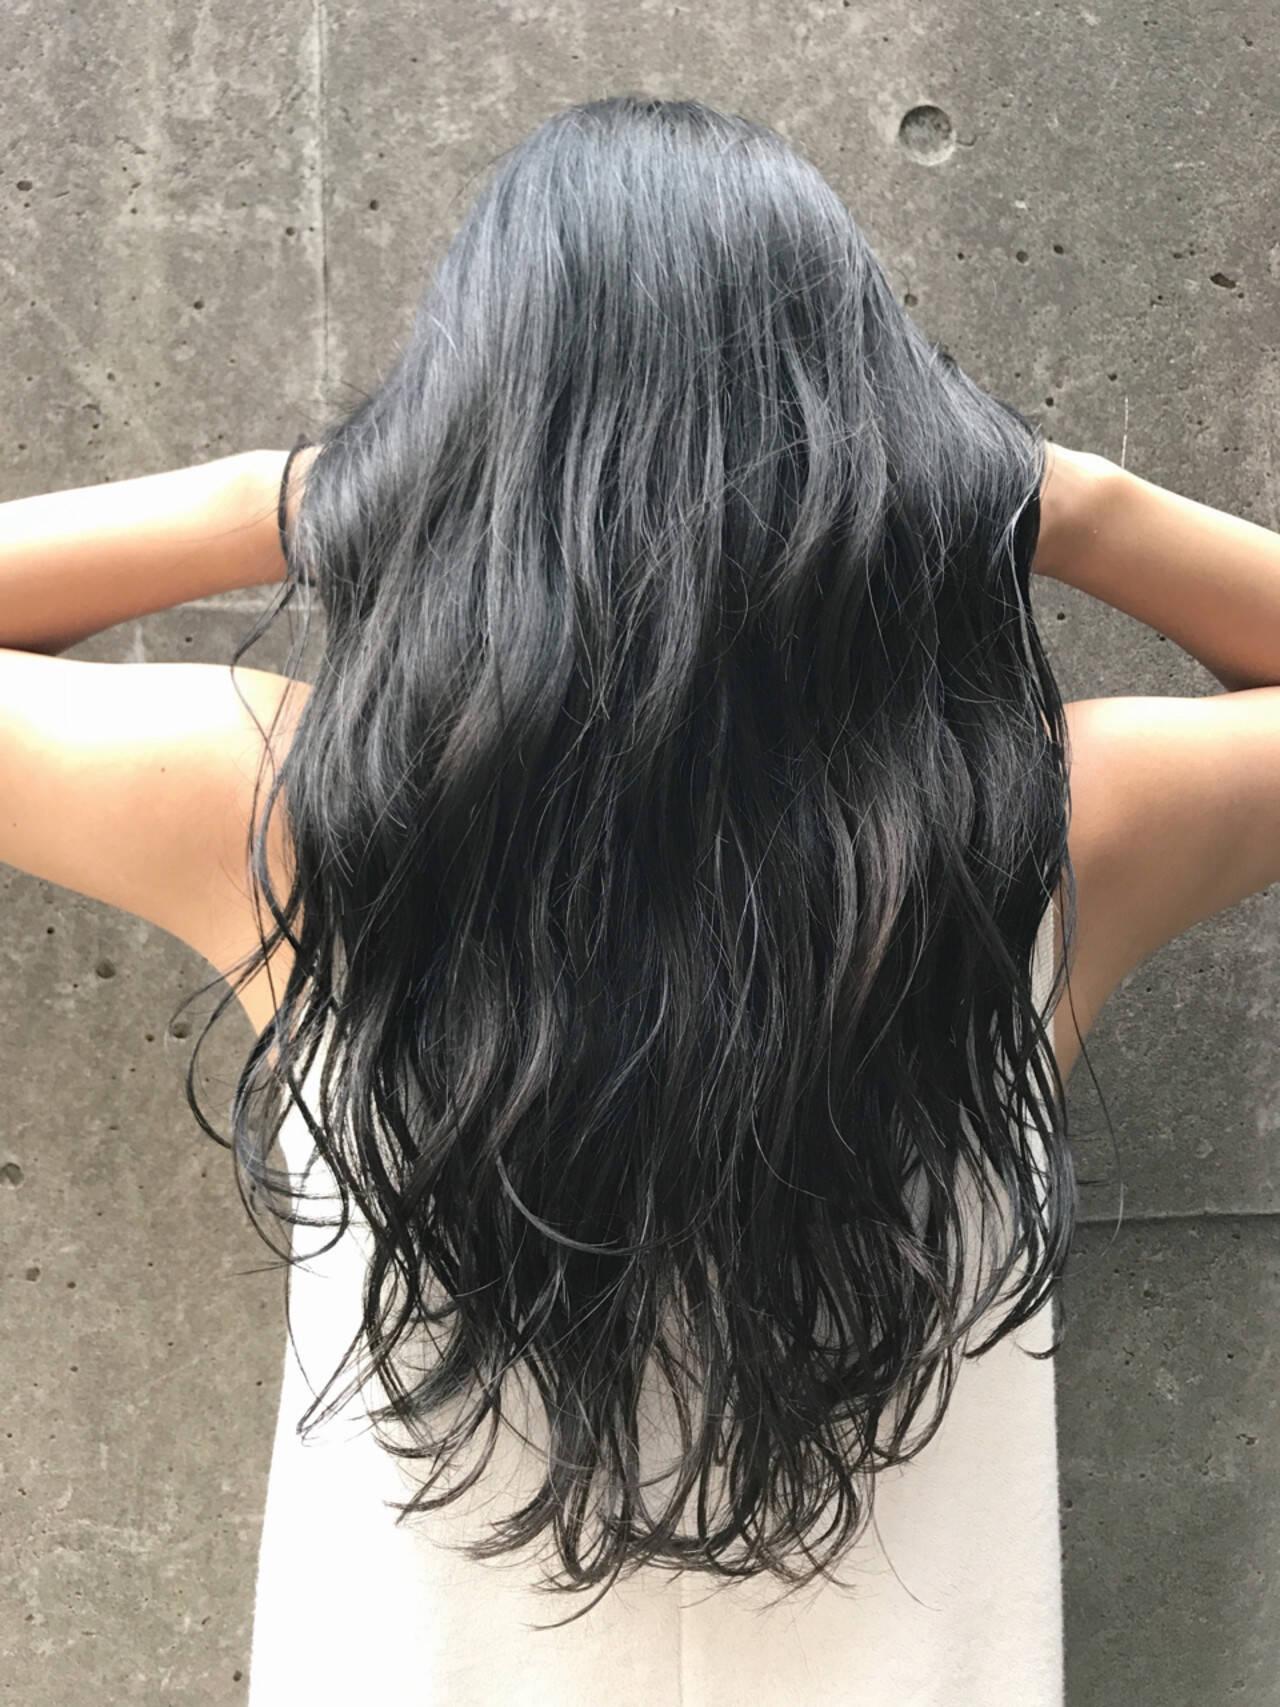 グレージュ 透明感 アッシュ ハイライトヘアスタイルや髪型の写真・画像